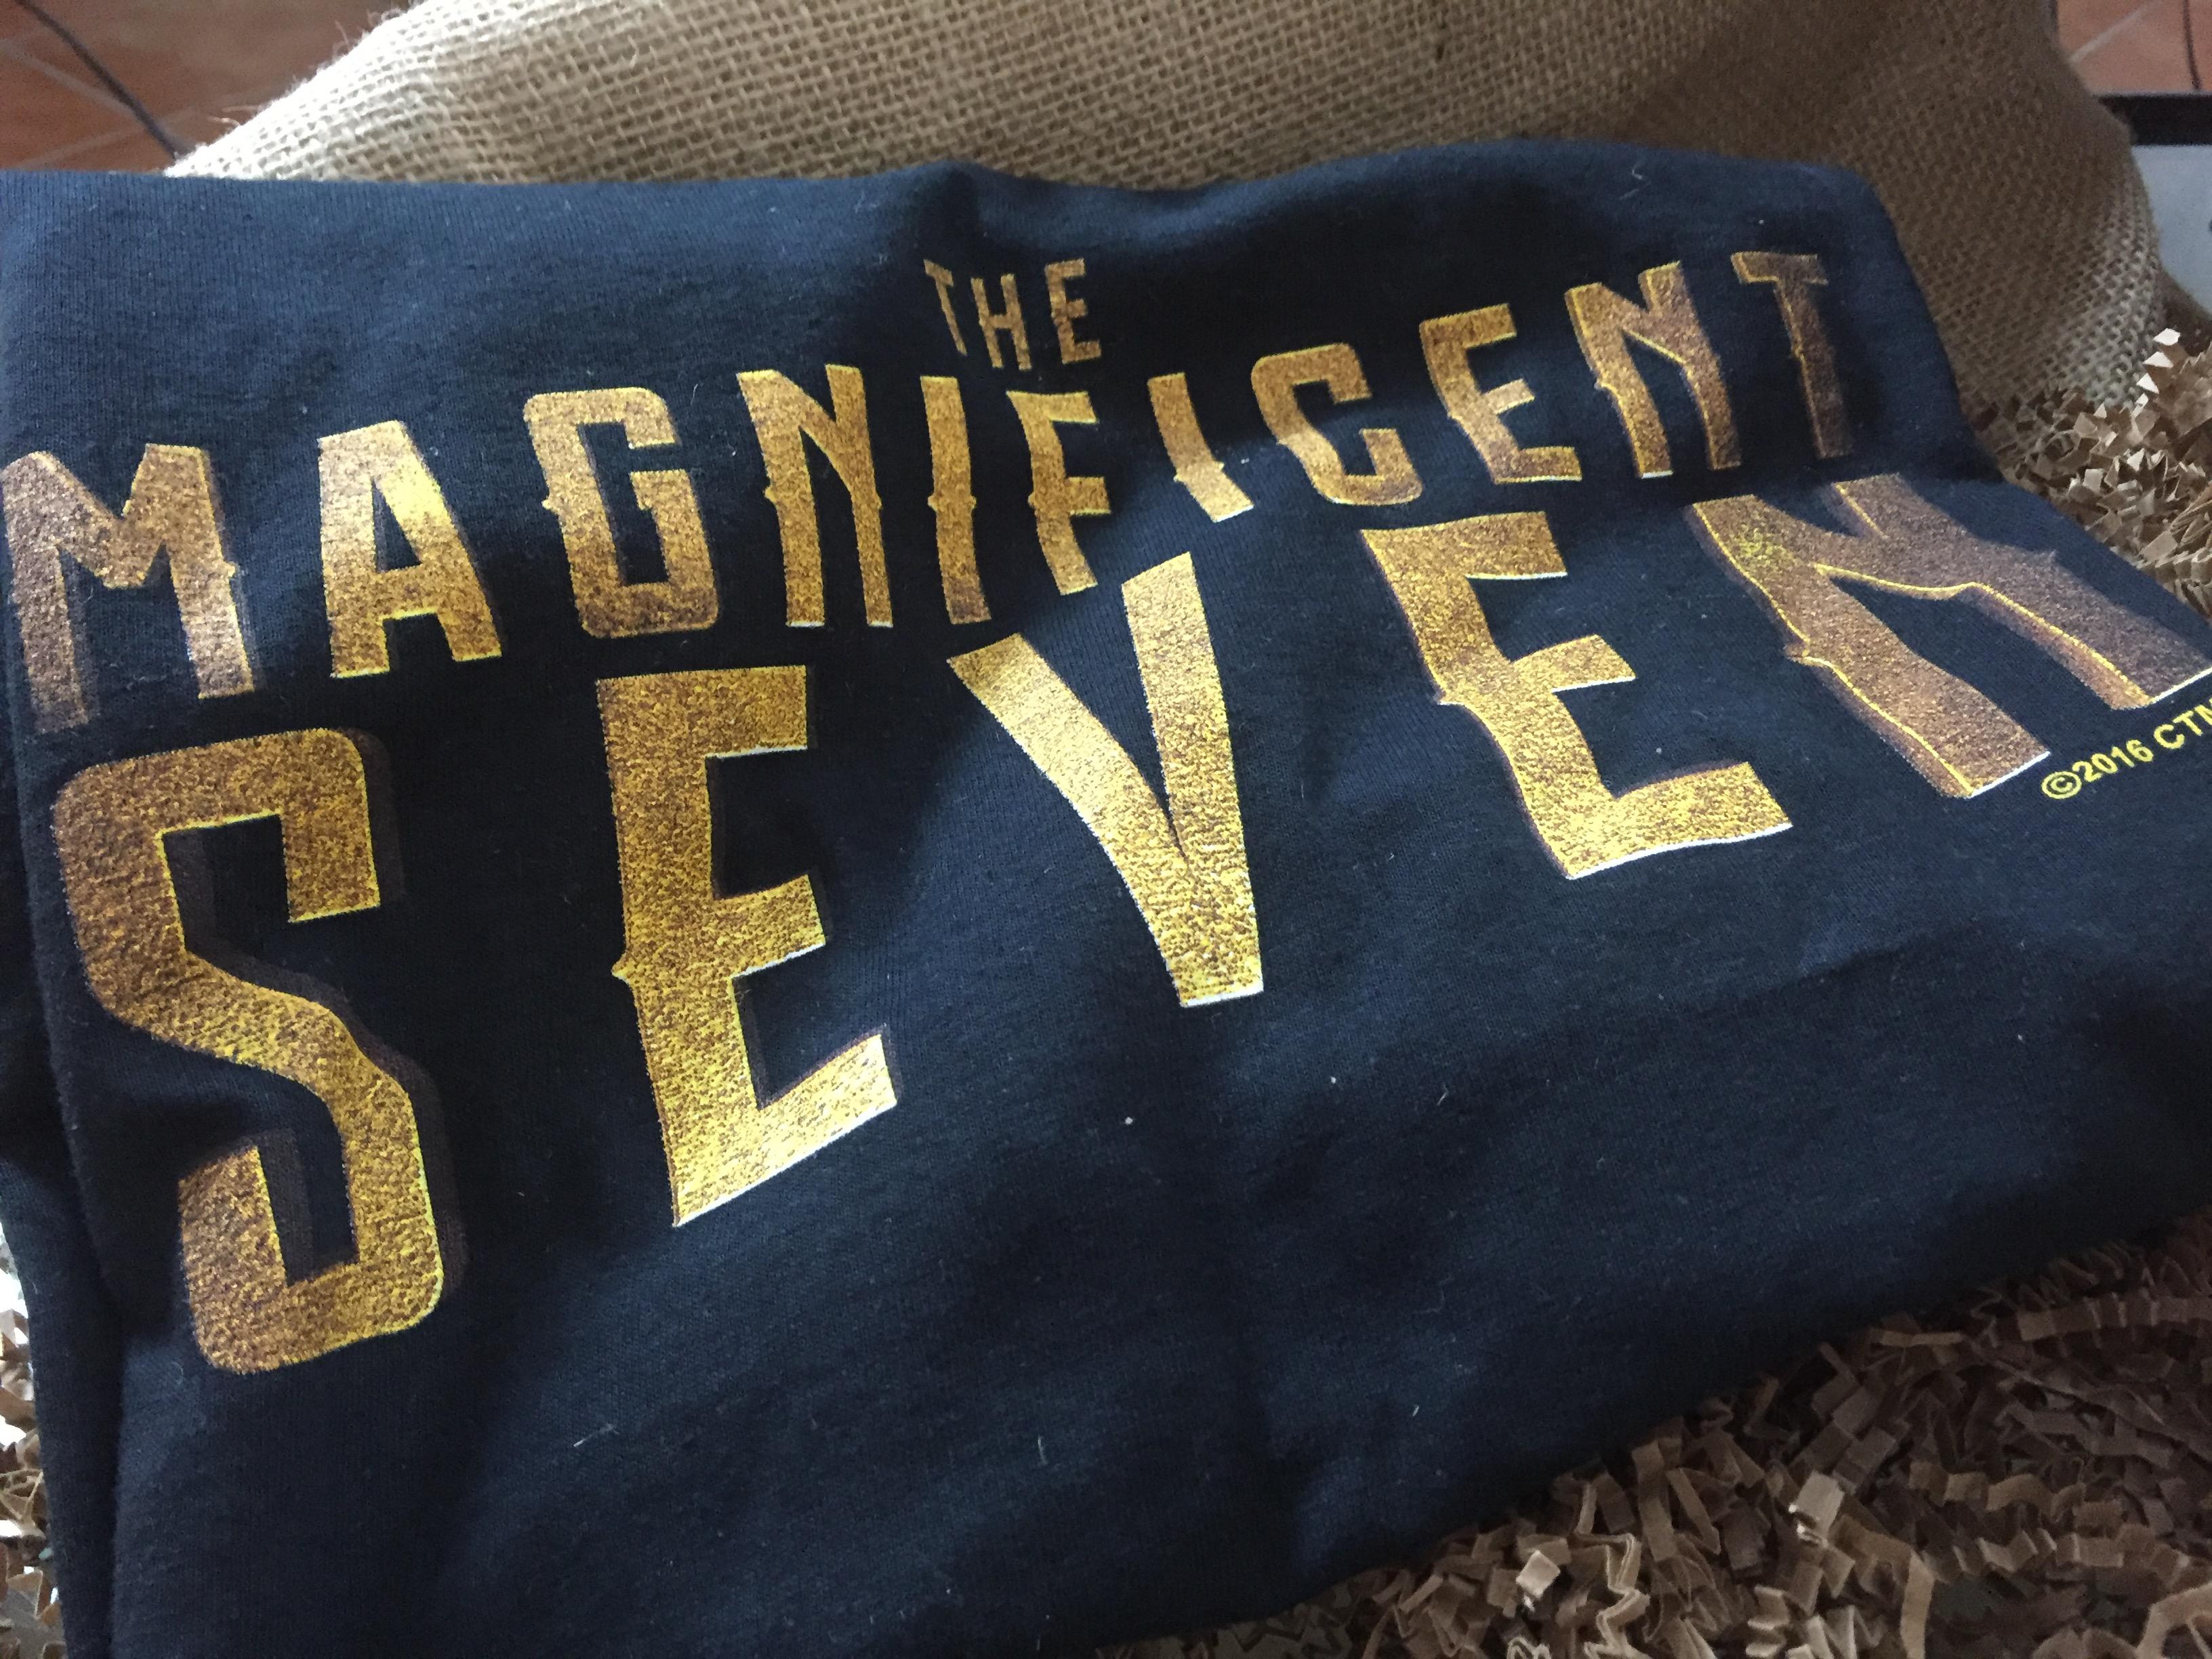 I magnifici 7 - kit